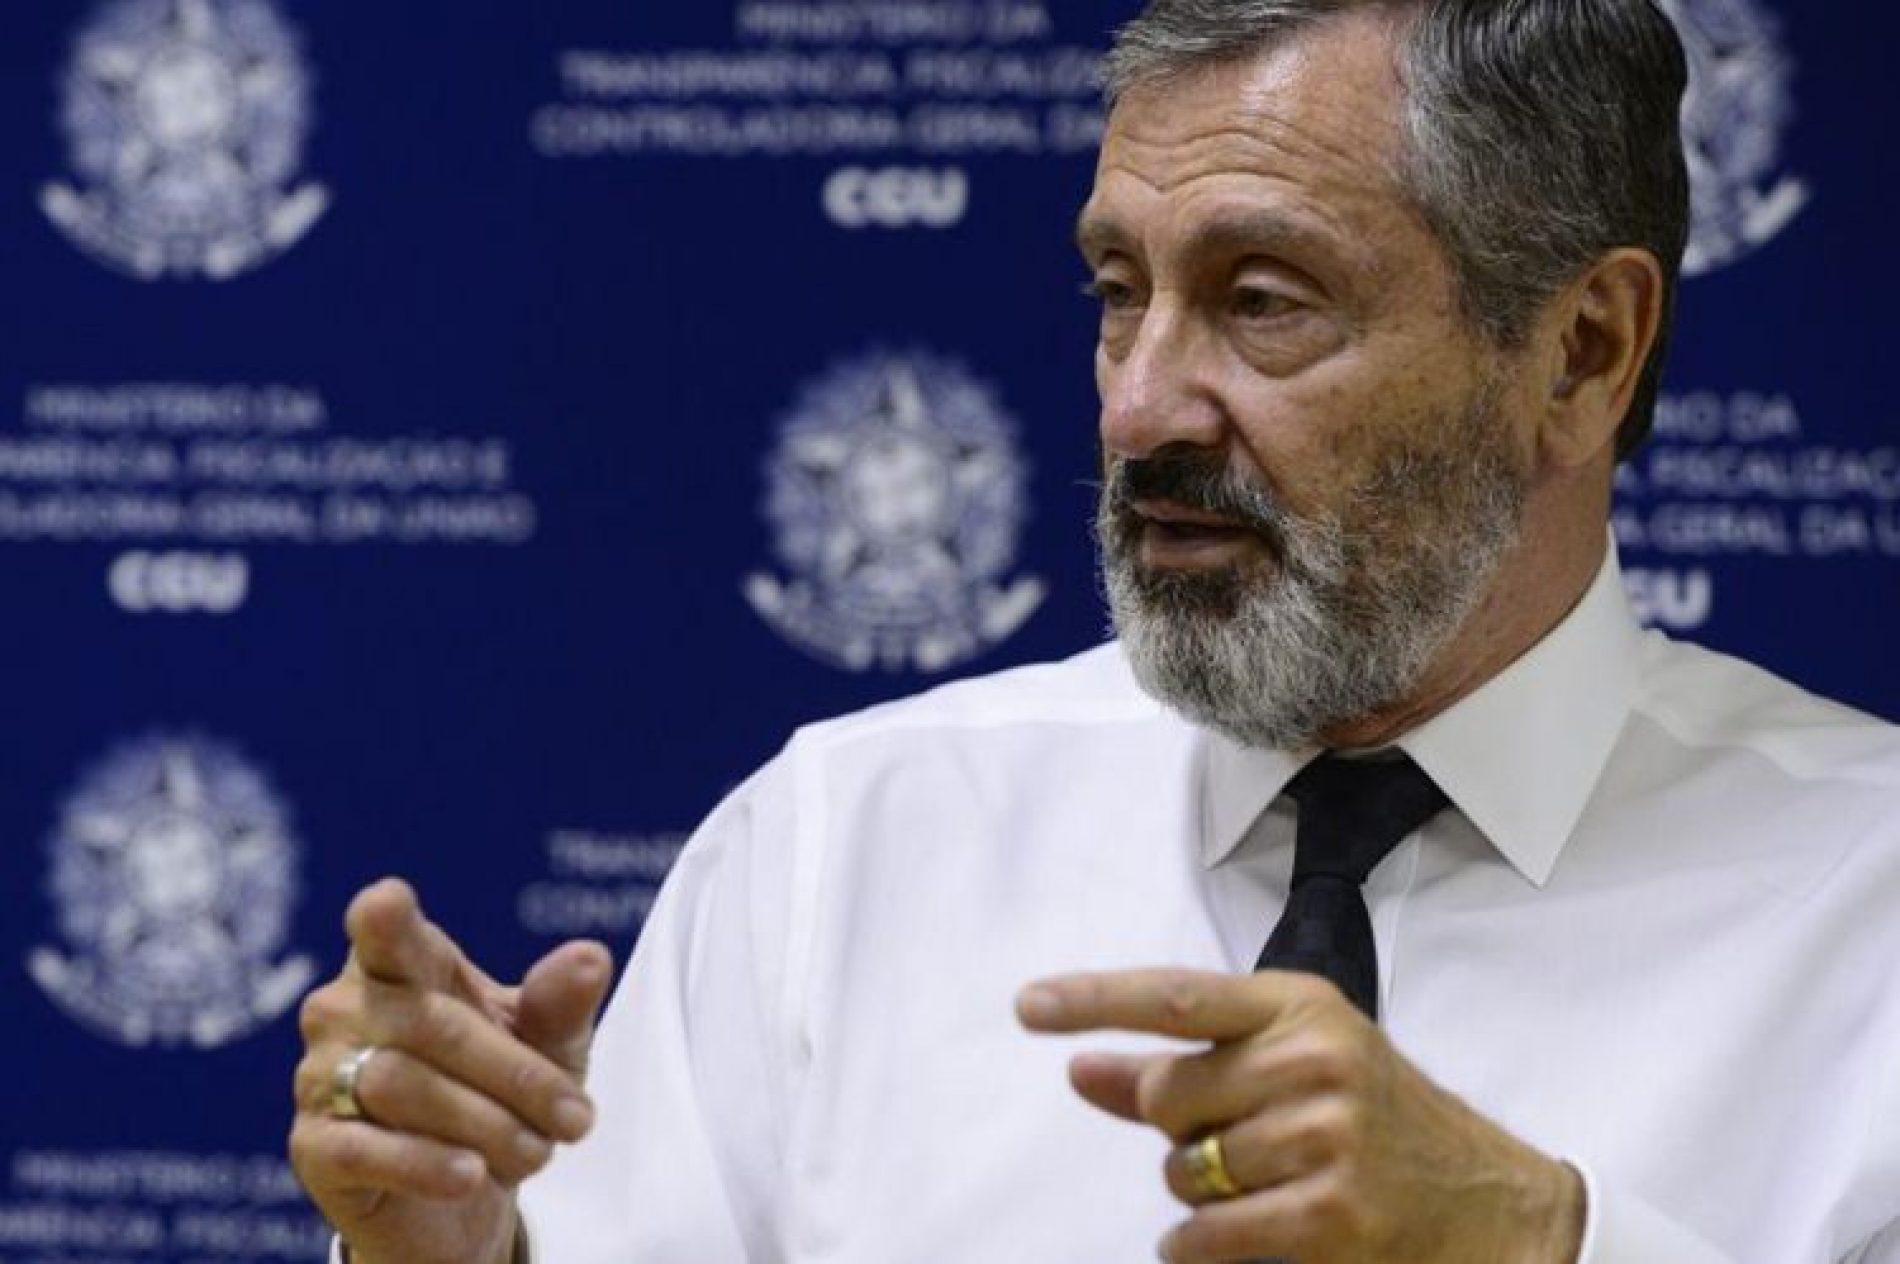 Adiamento do Julgamento da chapa Dilma-Temer no TSE é inevitável, afirma novo ministro da Justiça